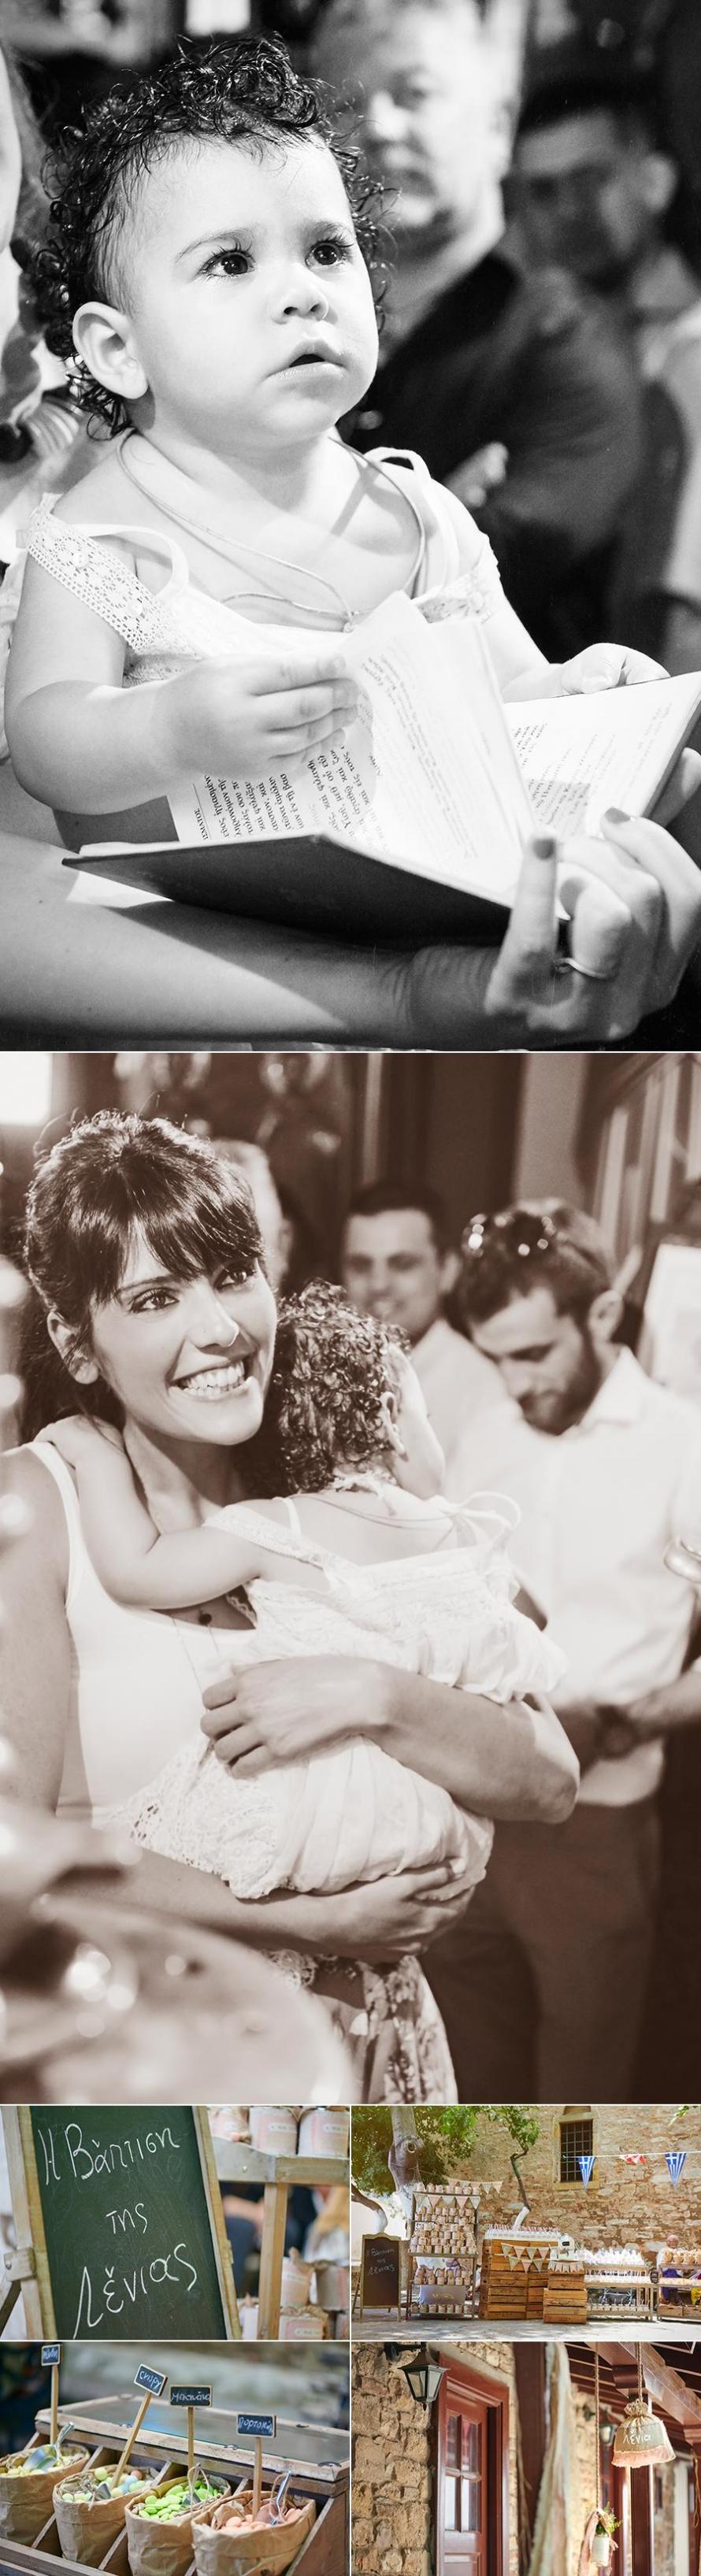 Lenia baptism_0010